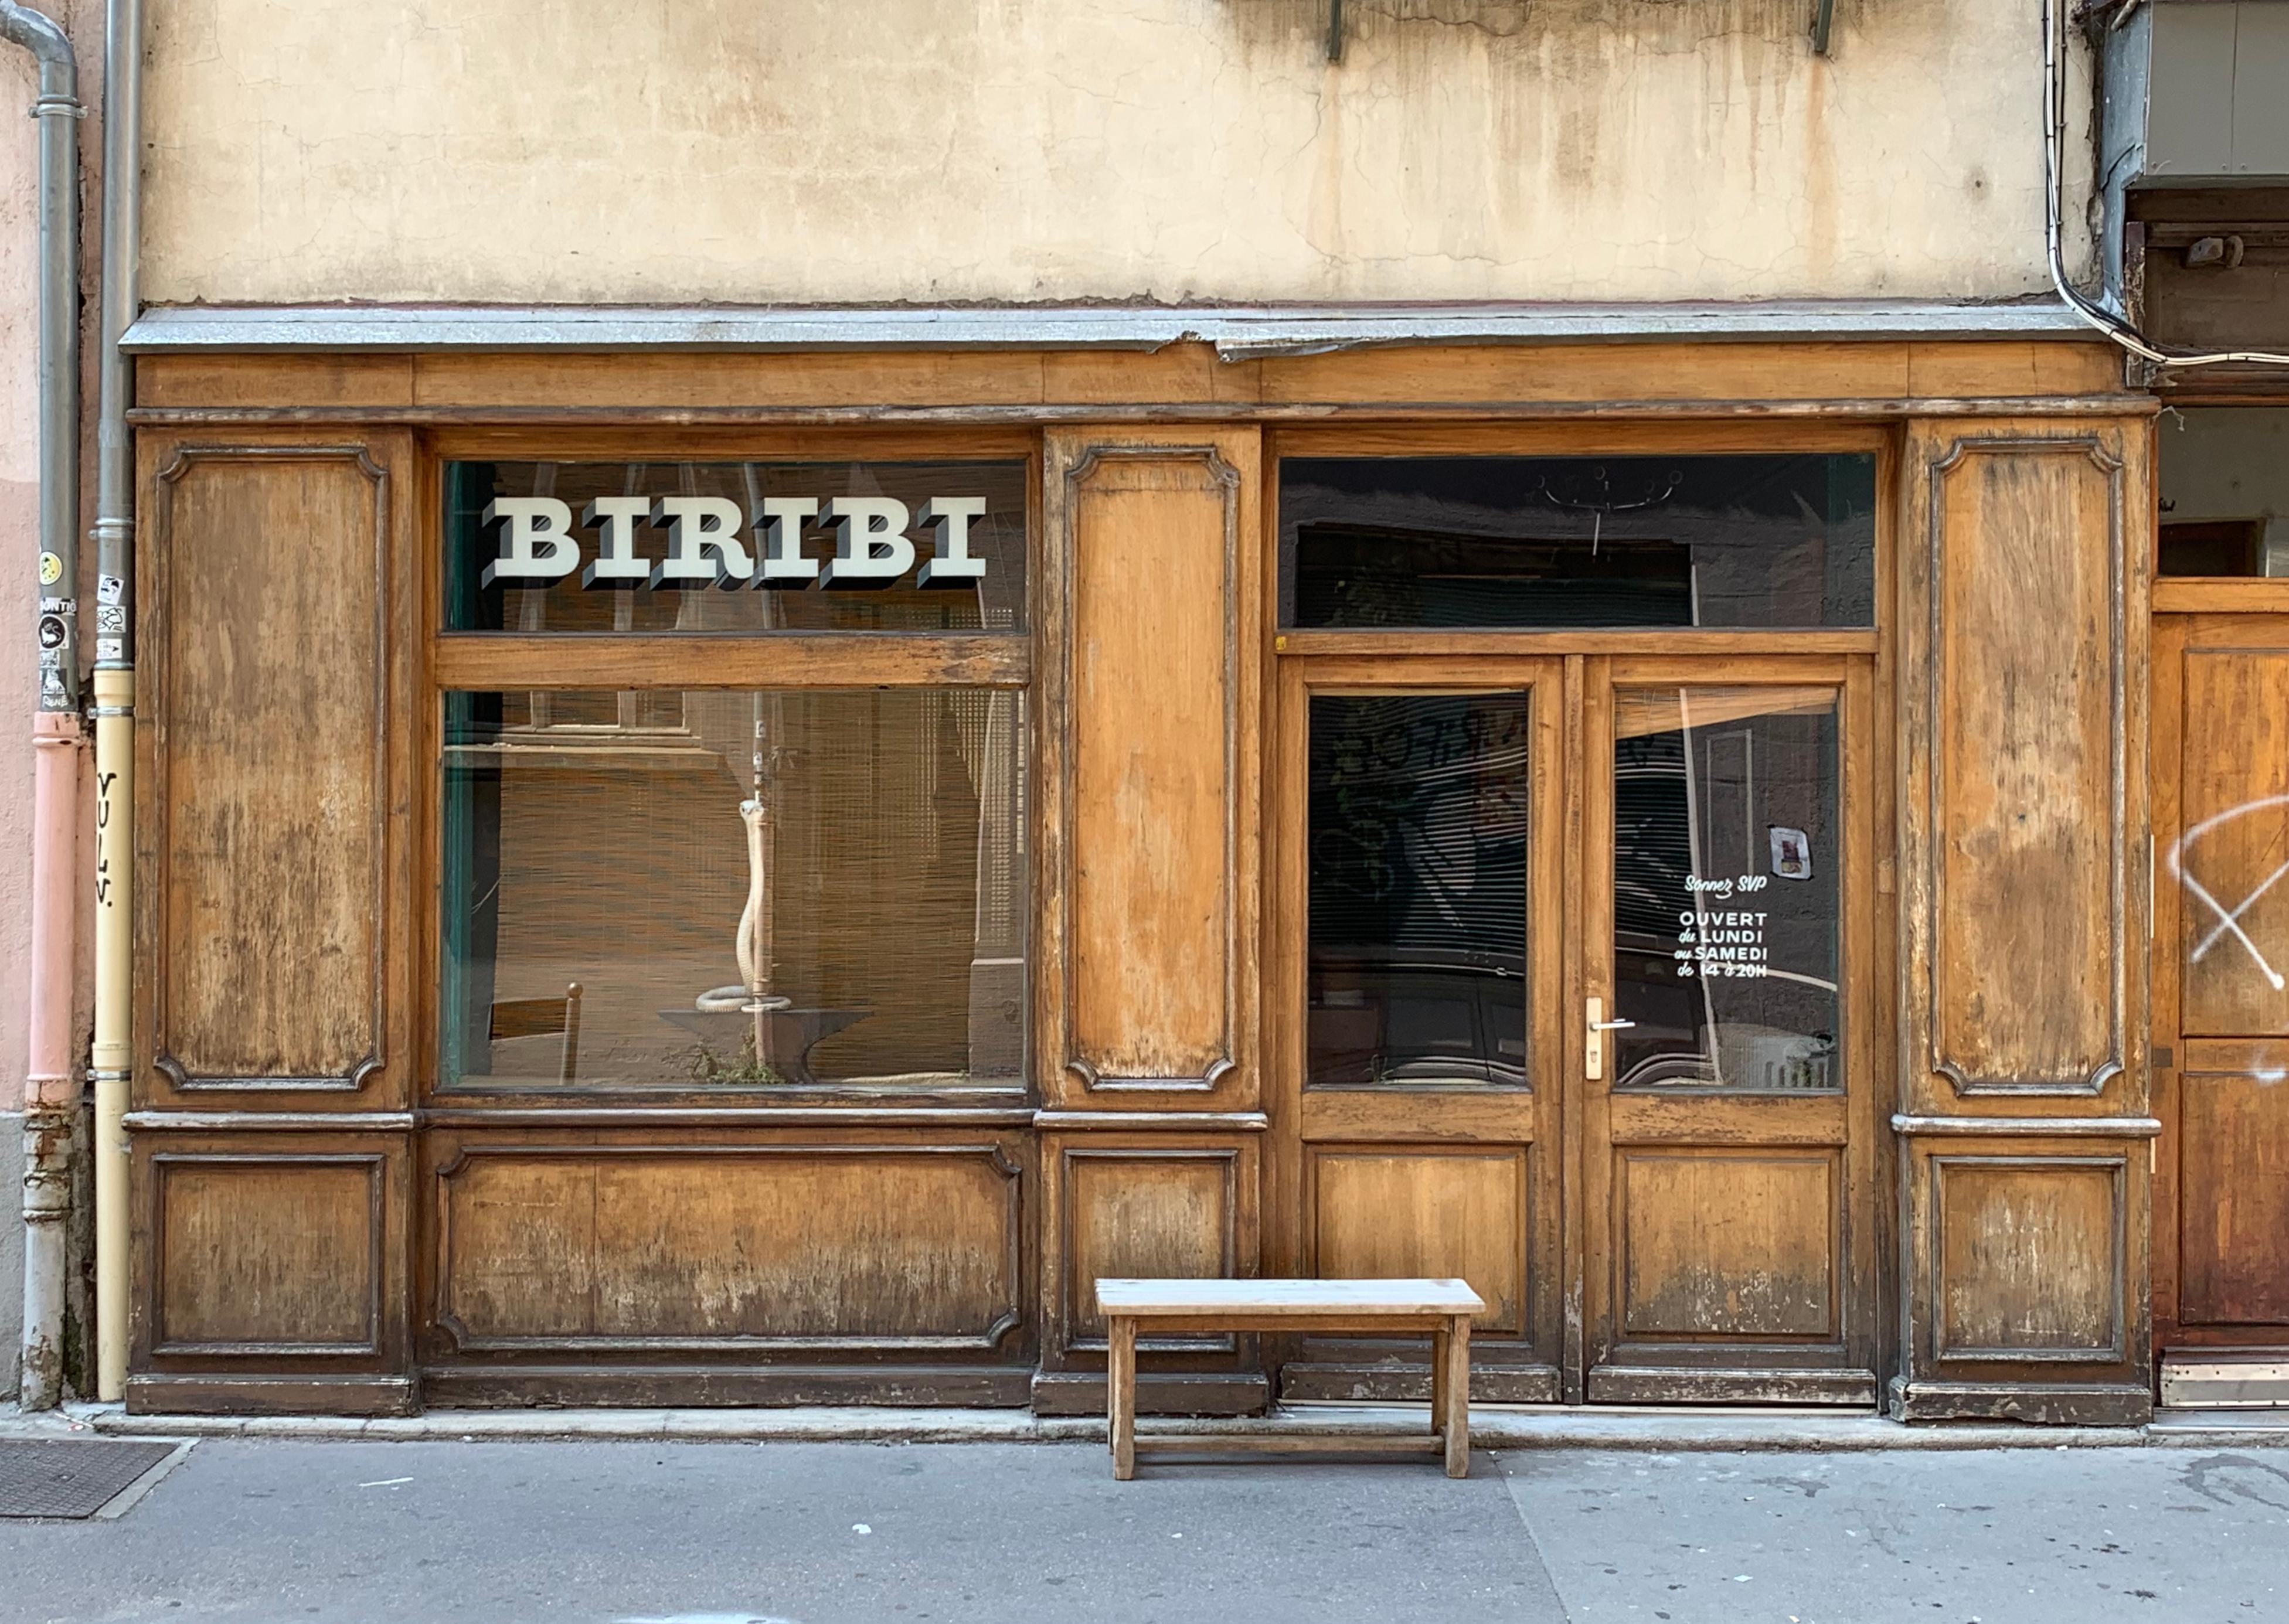 File Salon De Tatouage Biribi Rue Sebastien Gryphe Lyon Jpg Wikimedia Commons